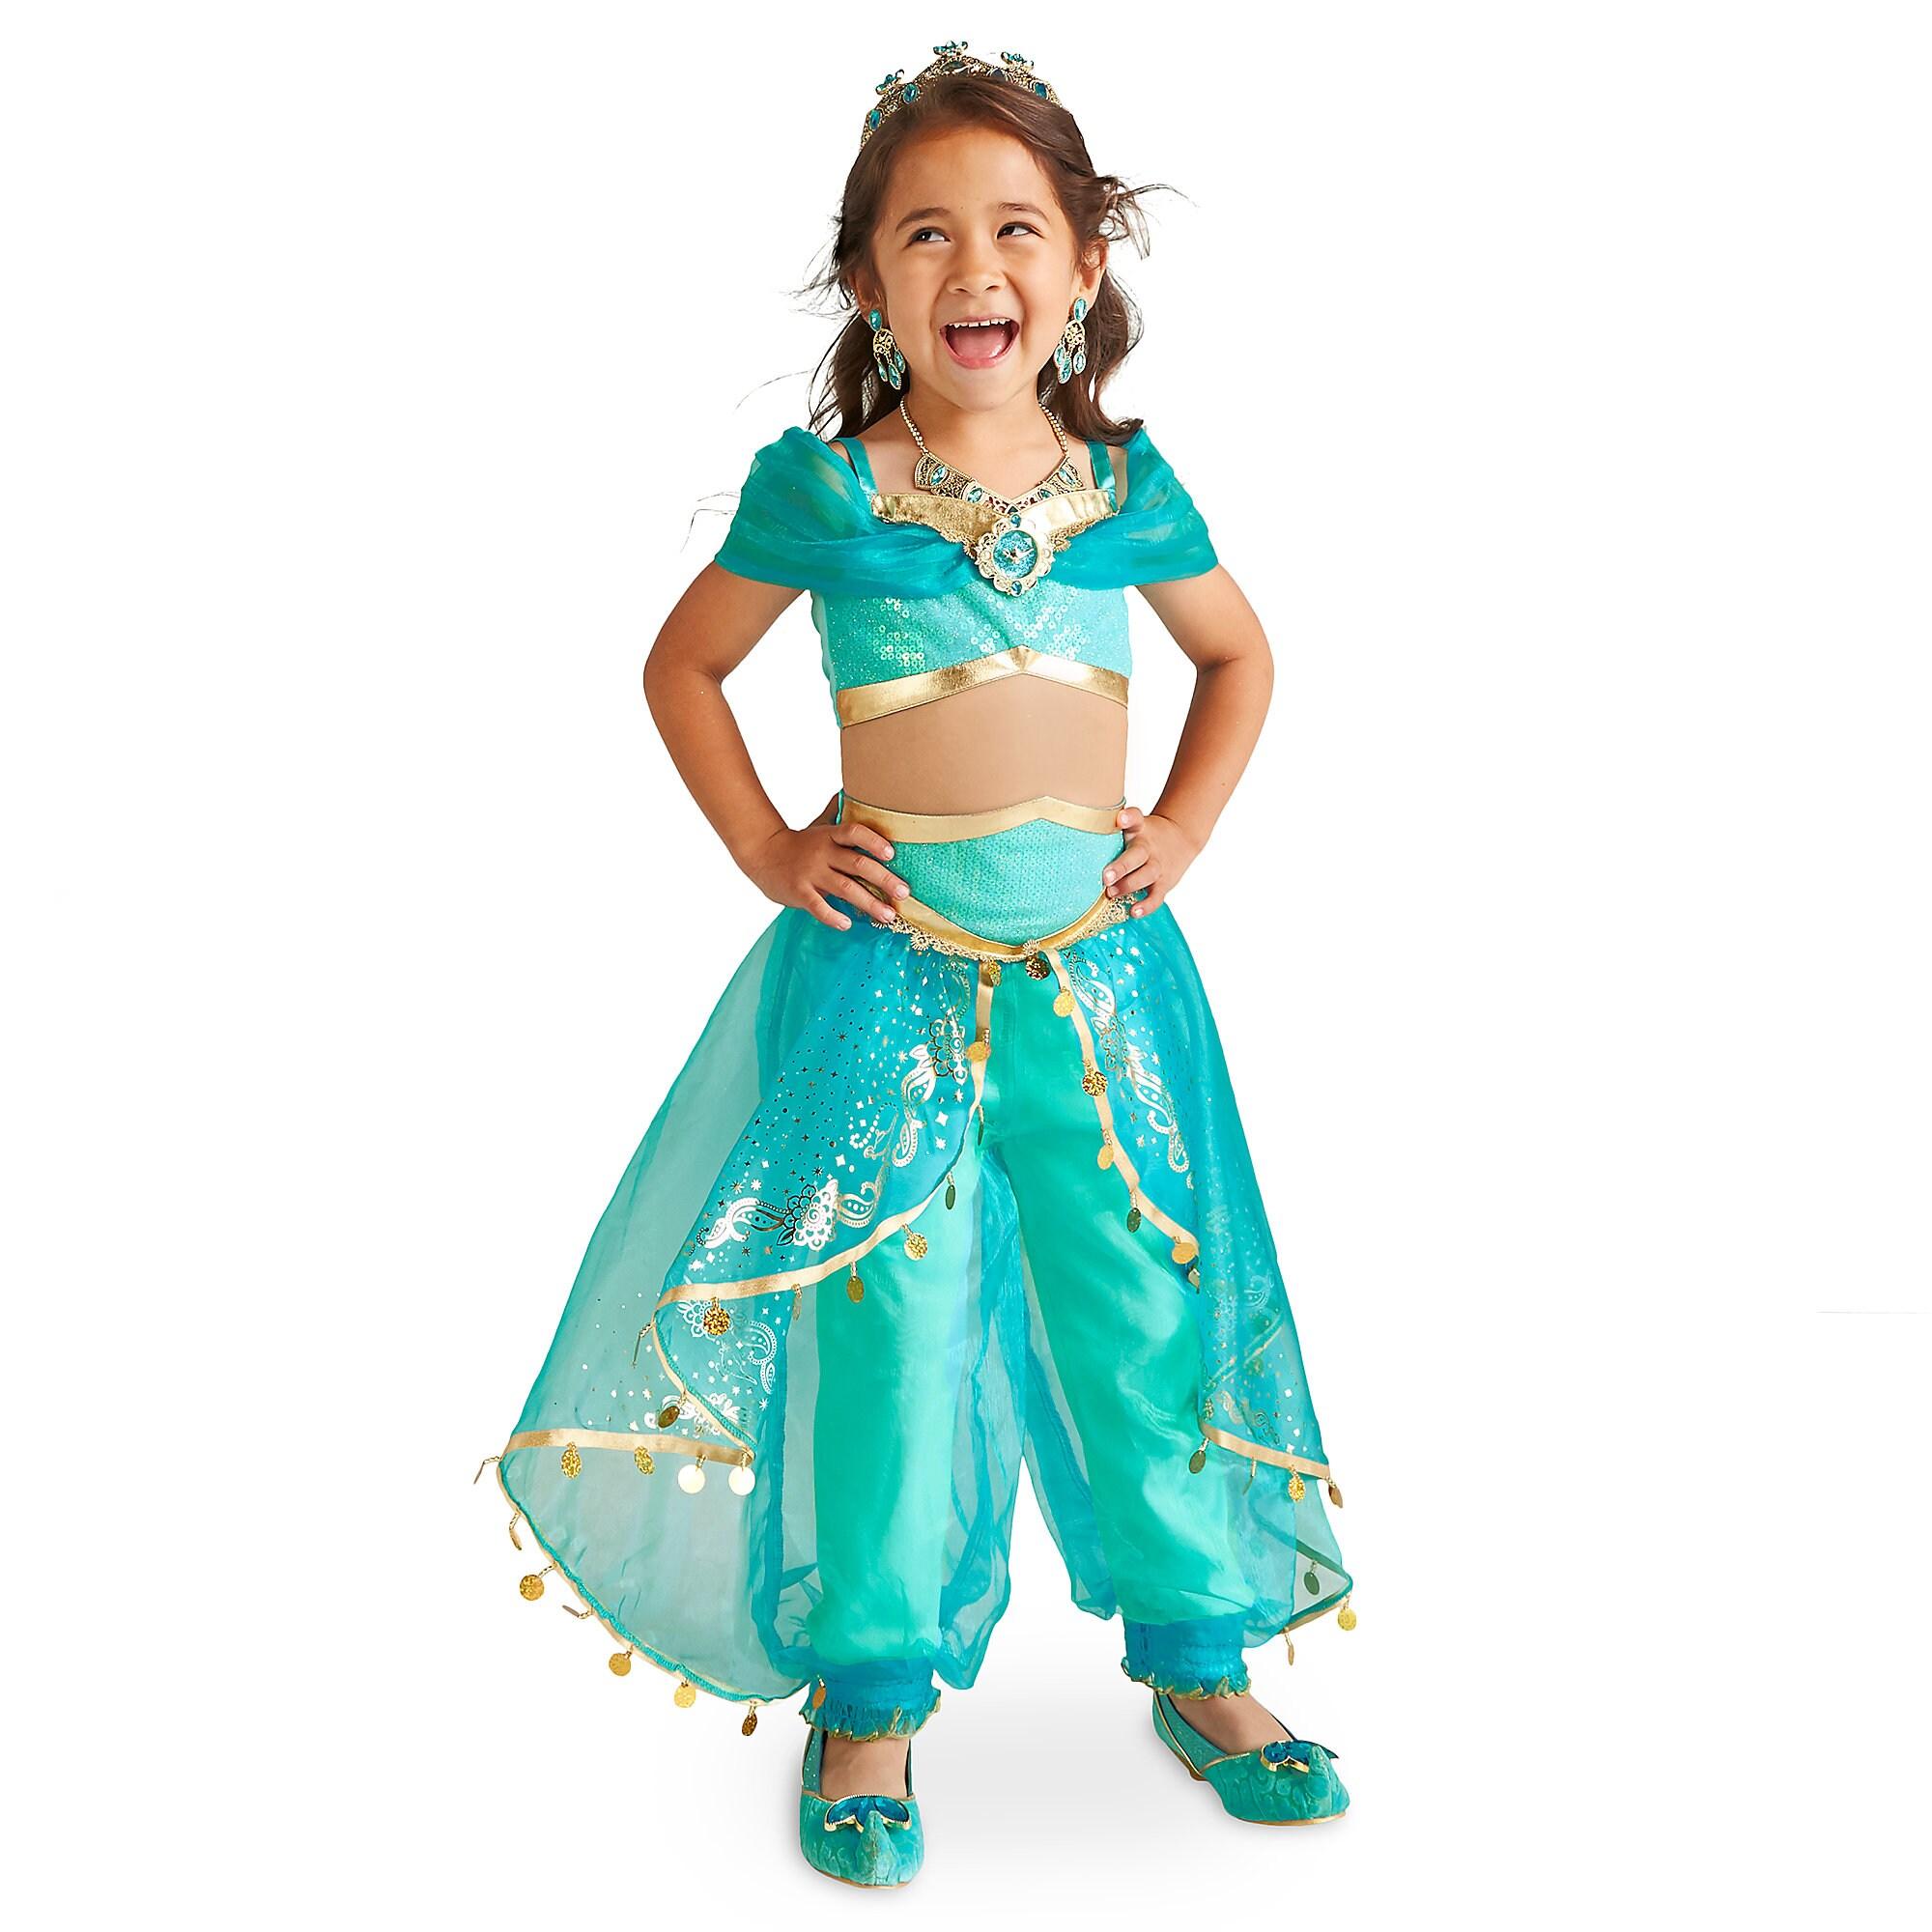 Thumbnail Image of Jasmine Costume for Kids # 2  sc 1 st  shopDisney & Jasmine Costume for Kids | shopDisney